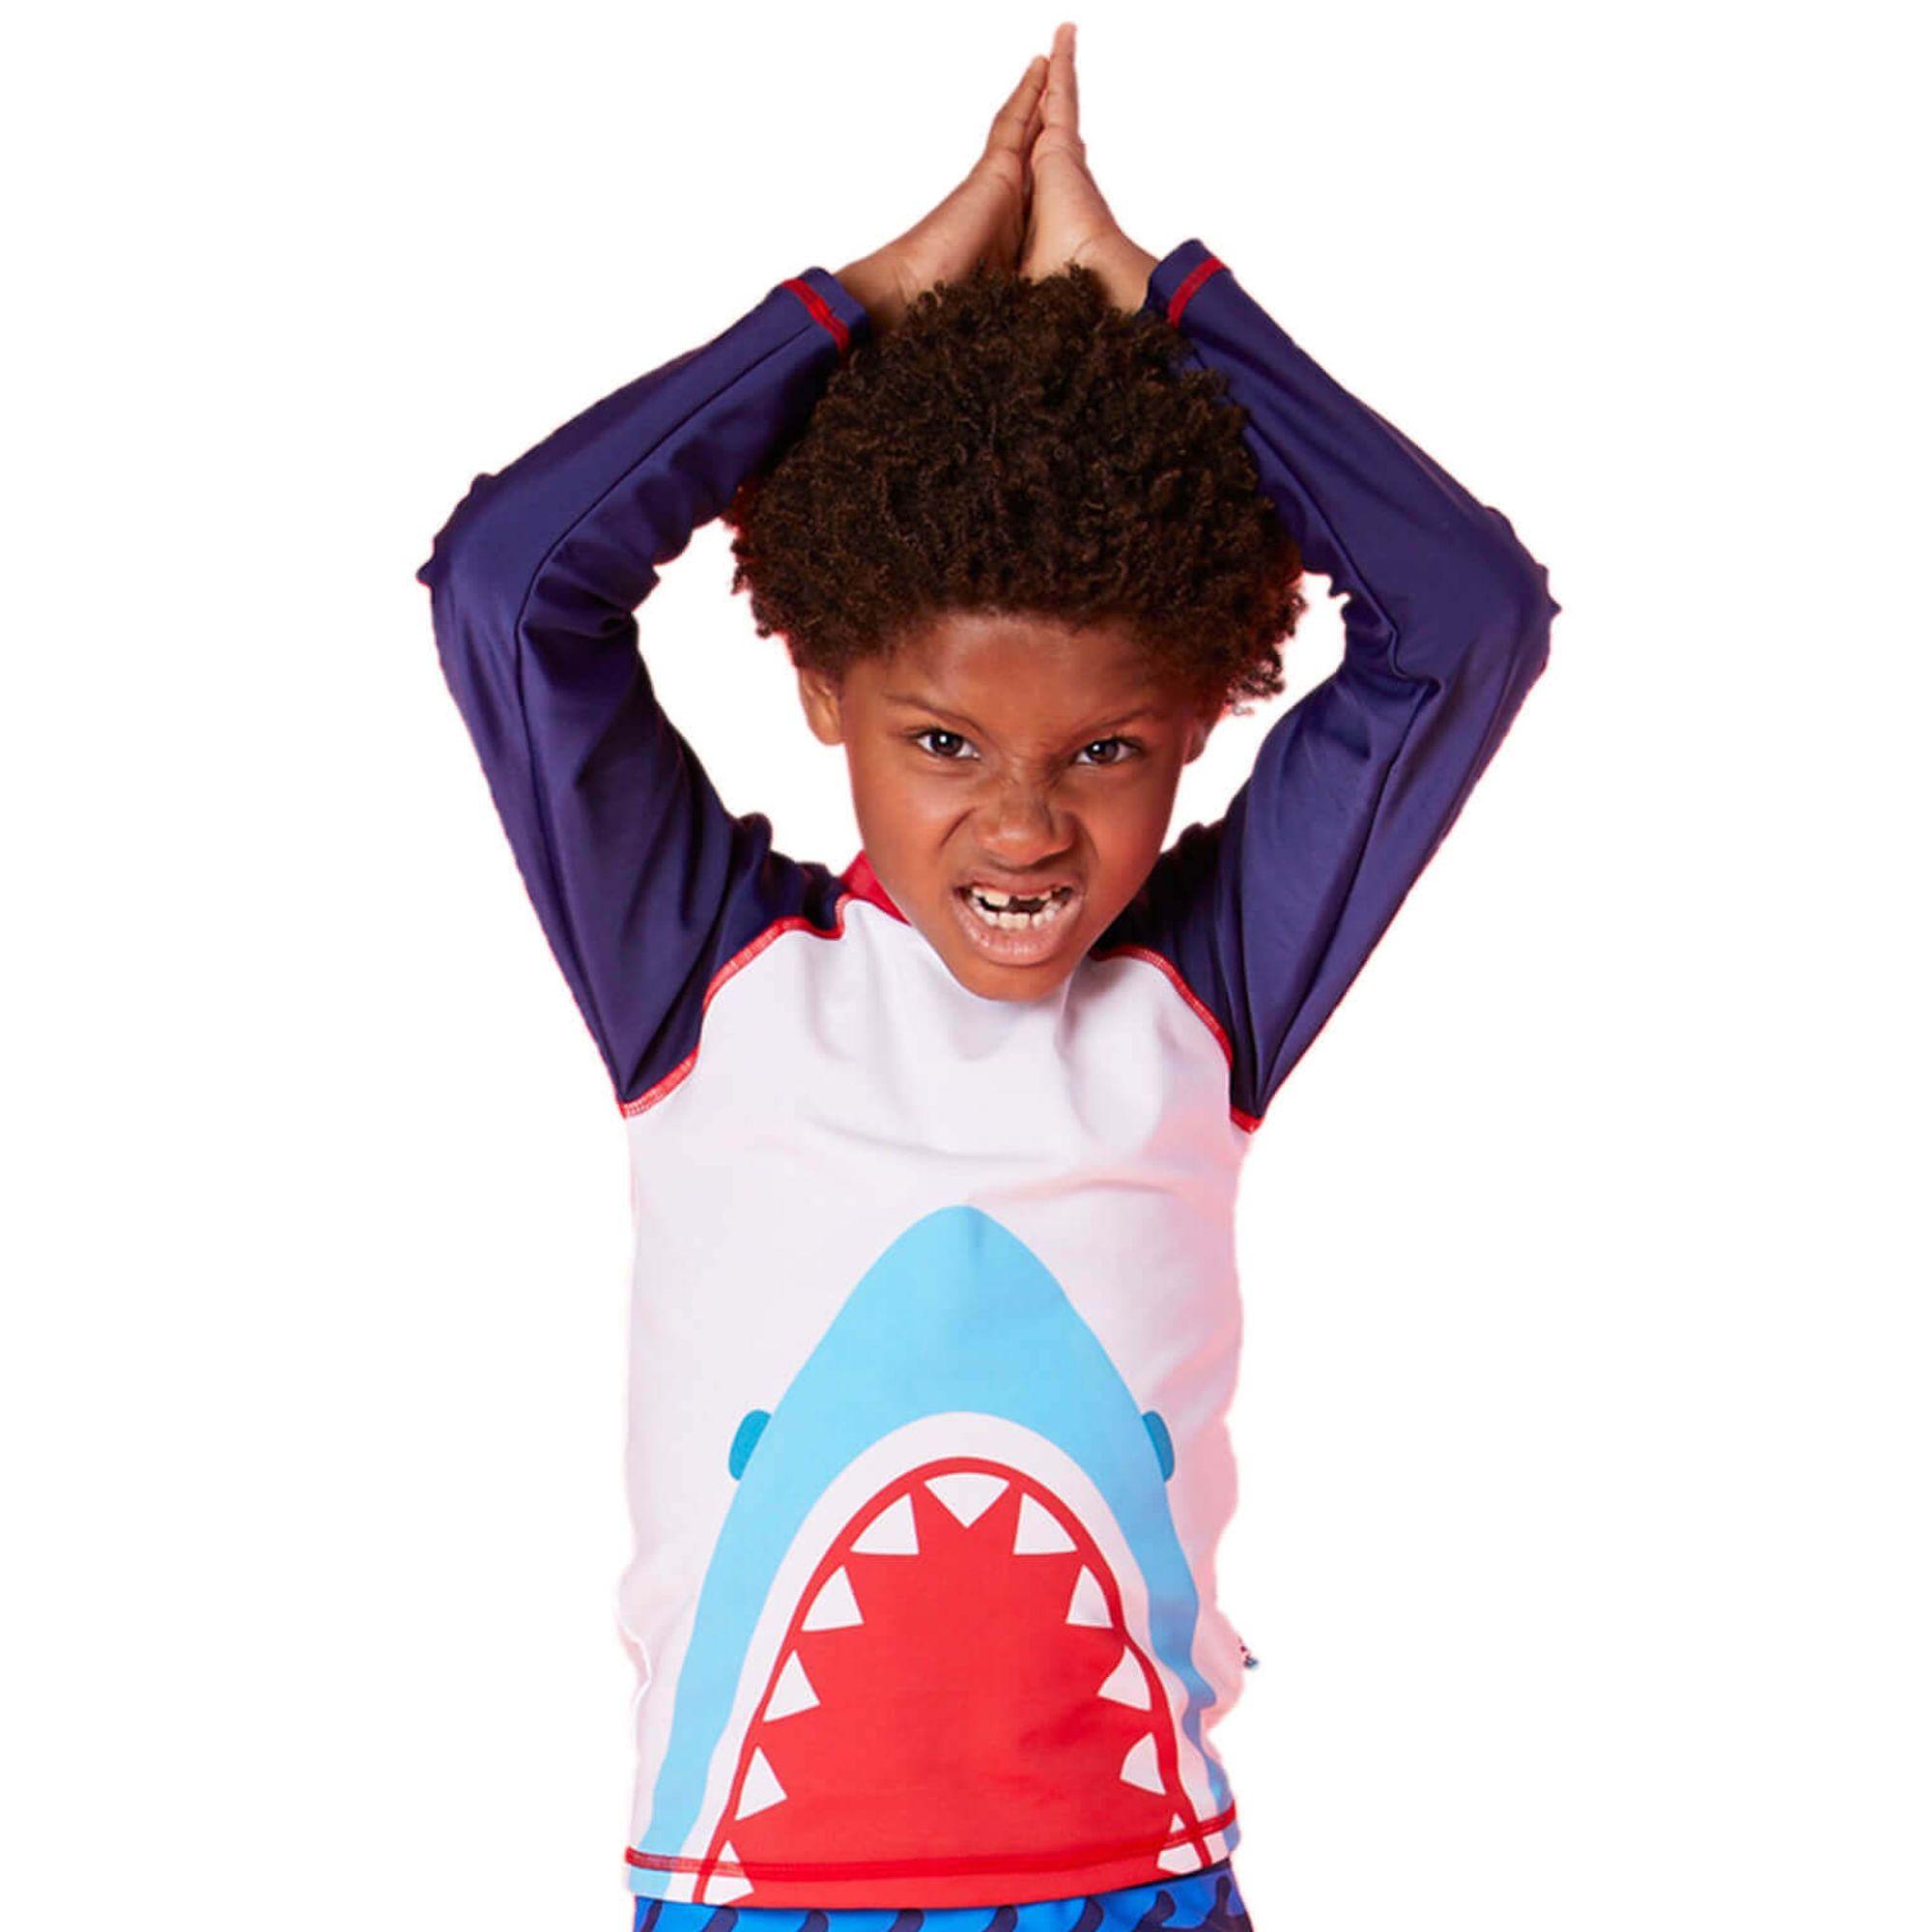 camiseta-praia-infantil-tubarao-puket-ML